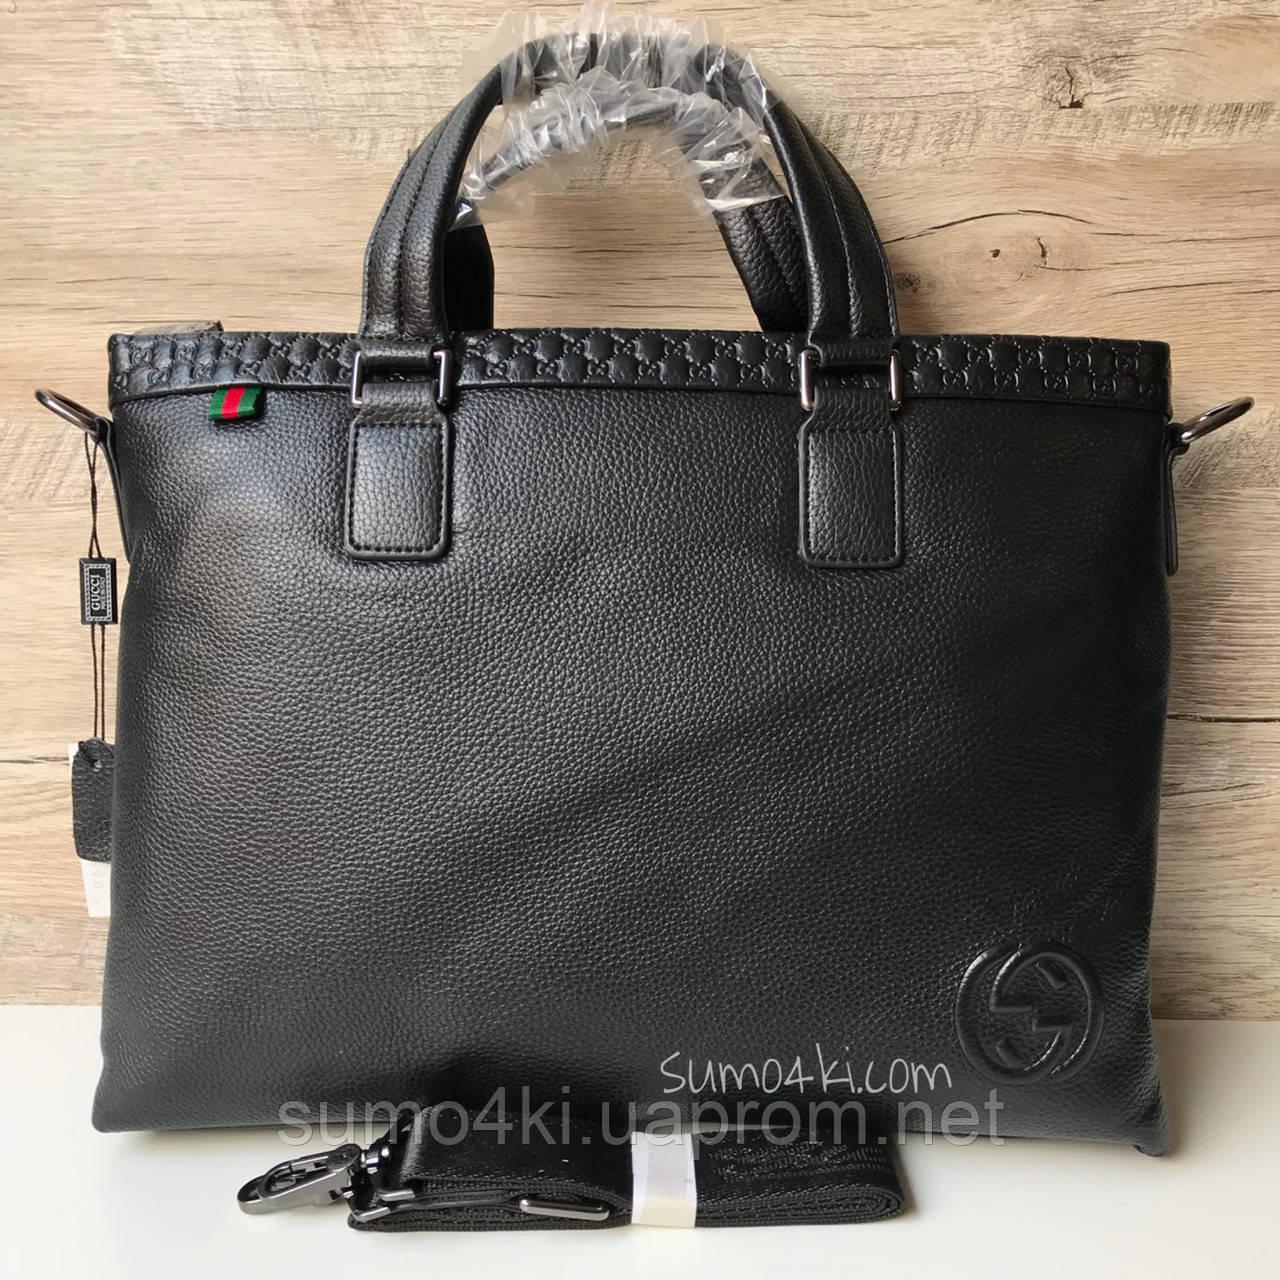 e9e908b97916 Купить Мужской крутой кожаный портфель Gucci Гуччи оптом и в розницу ...